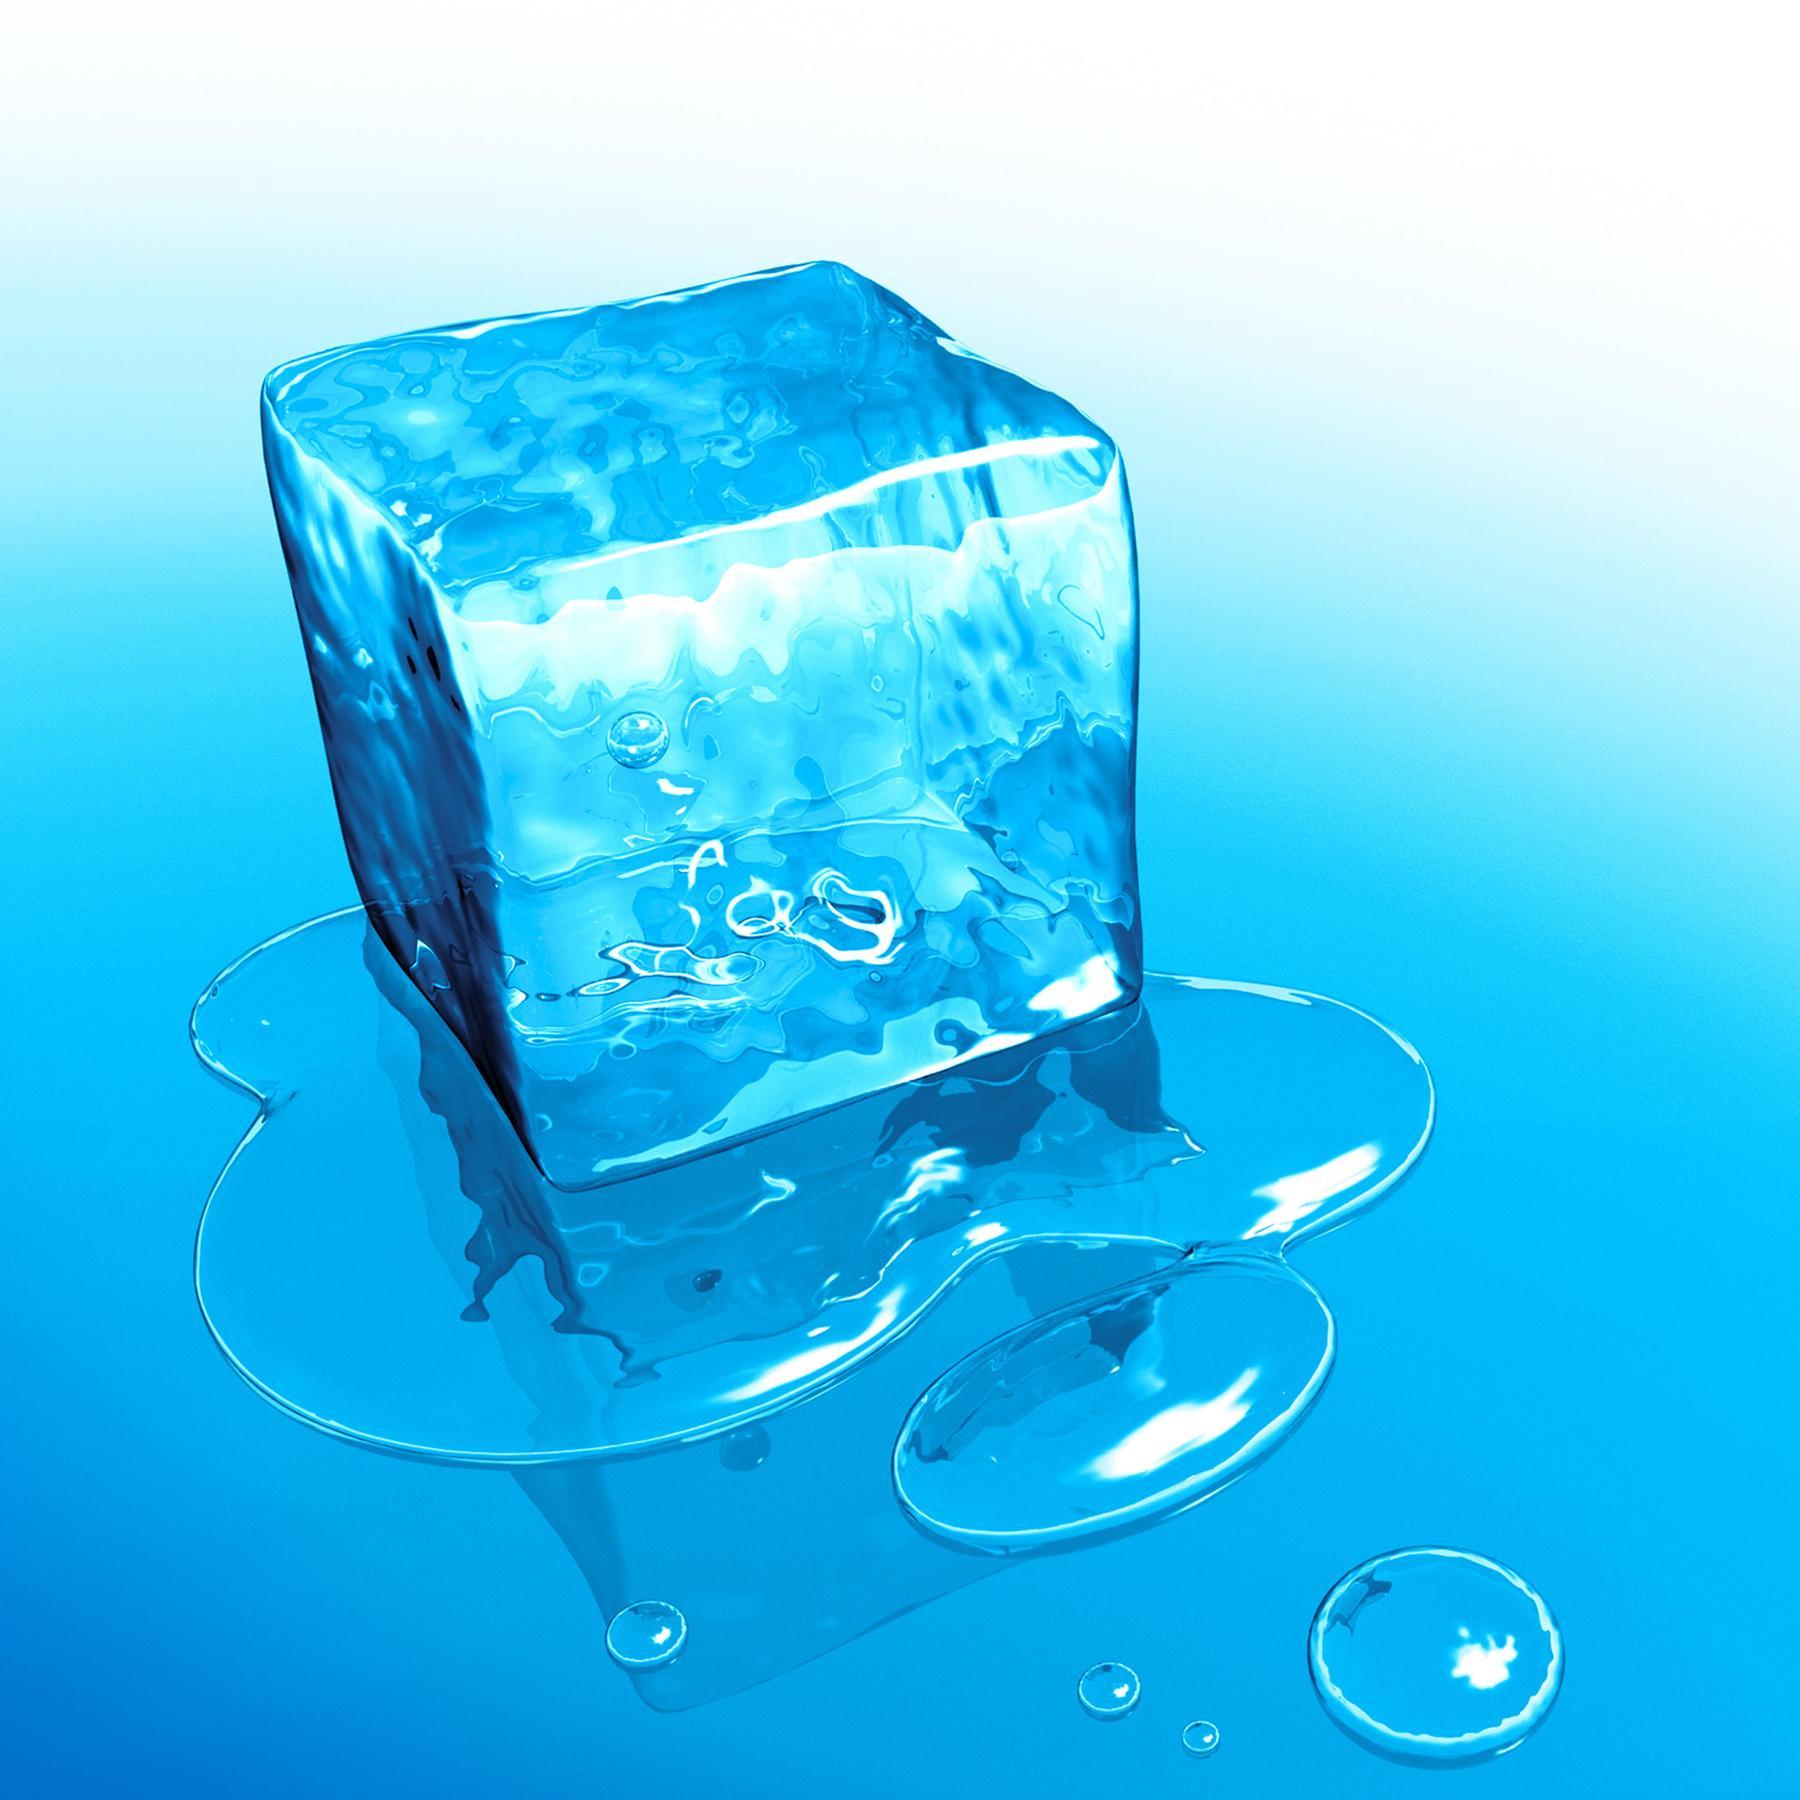 Eisschmelze - Das große Rauschen